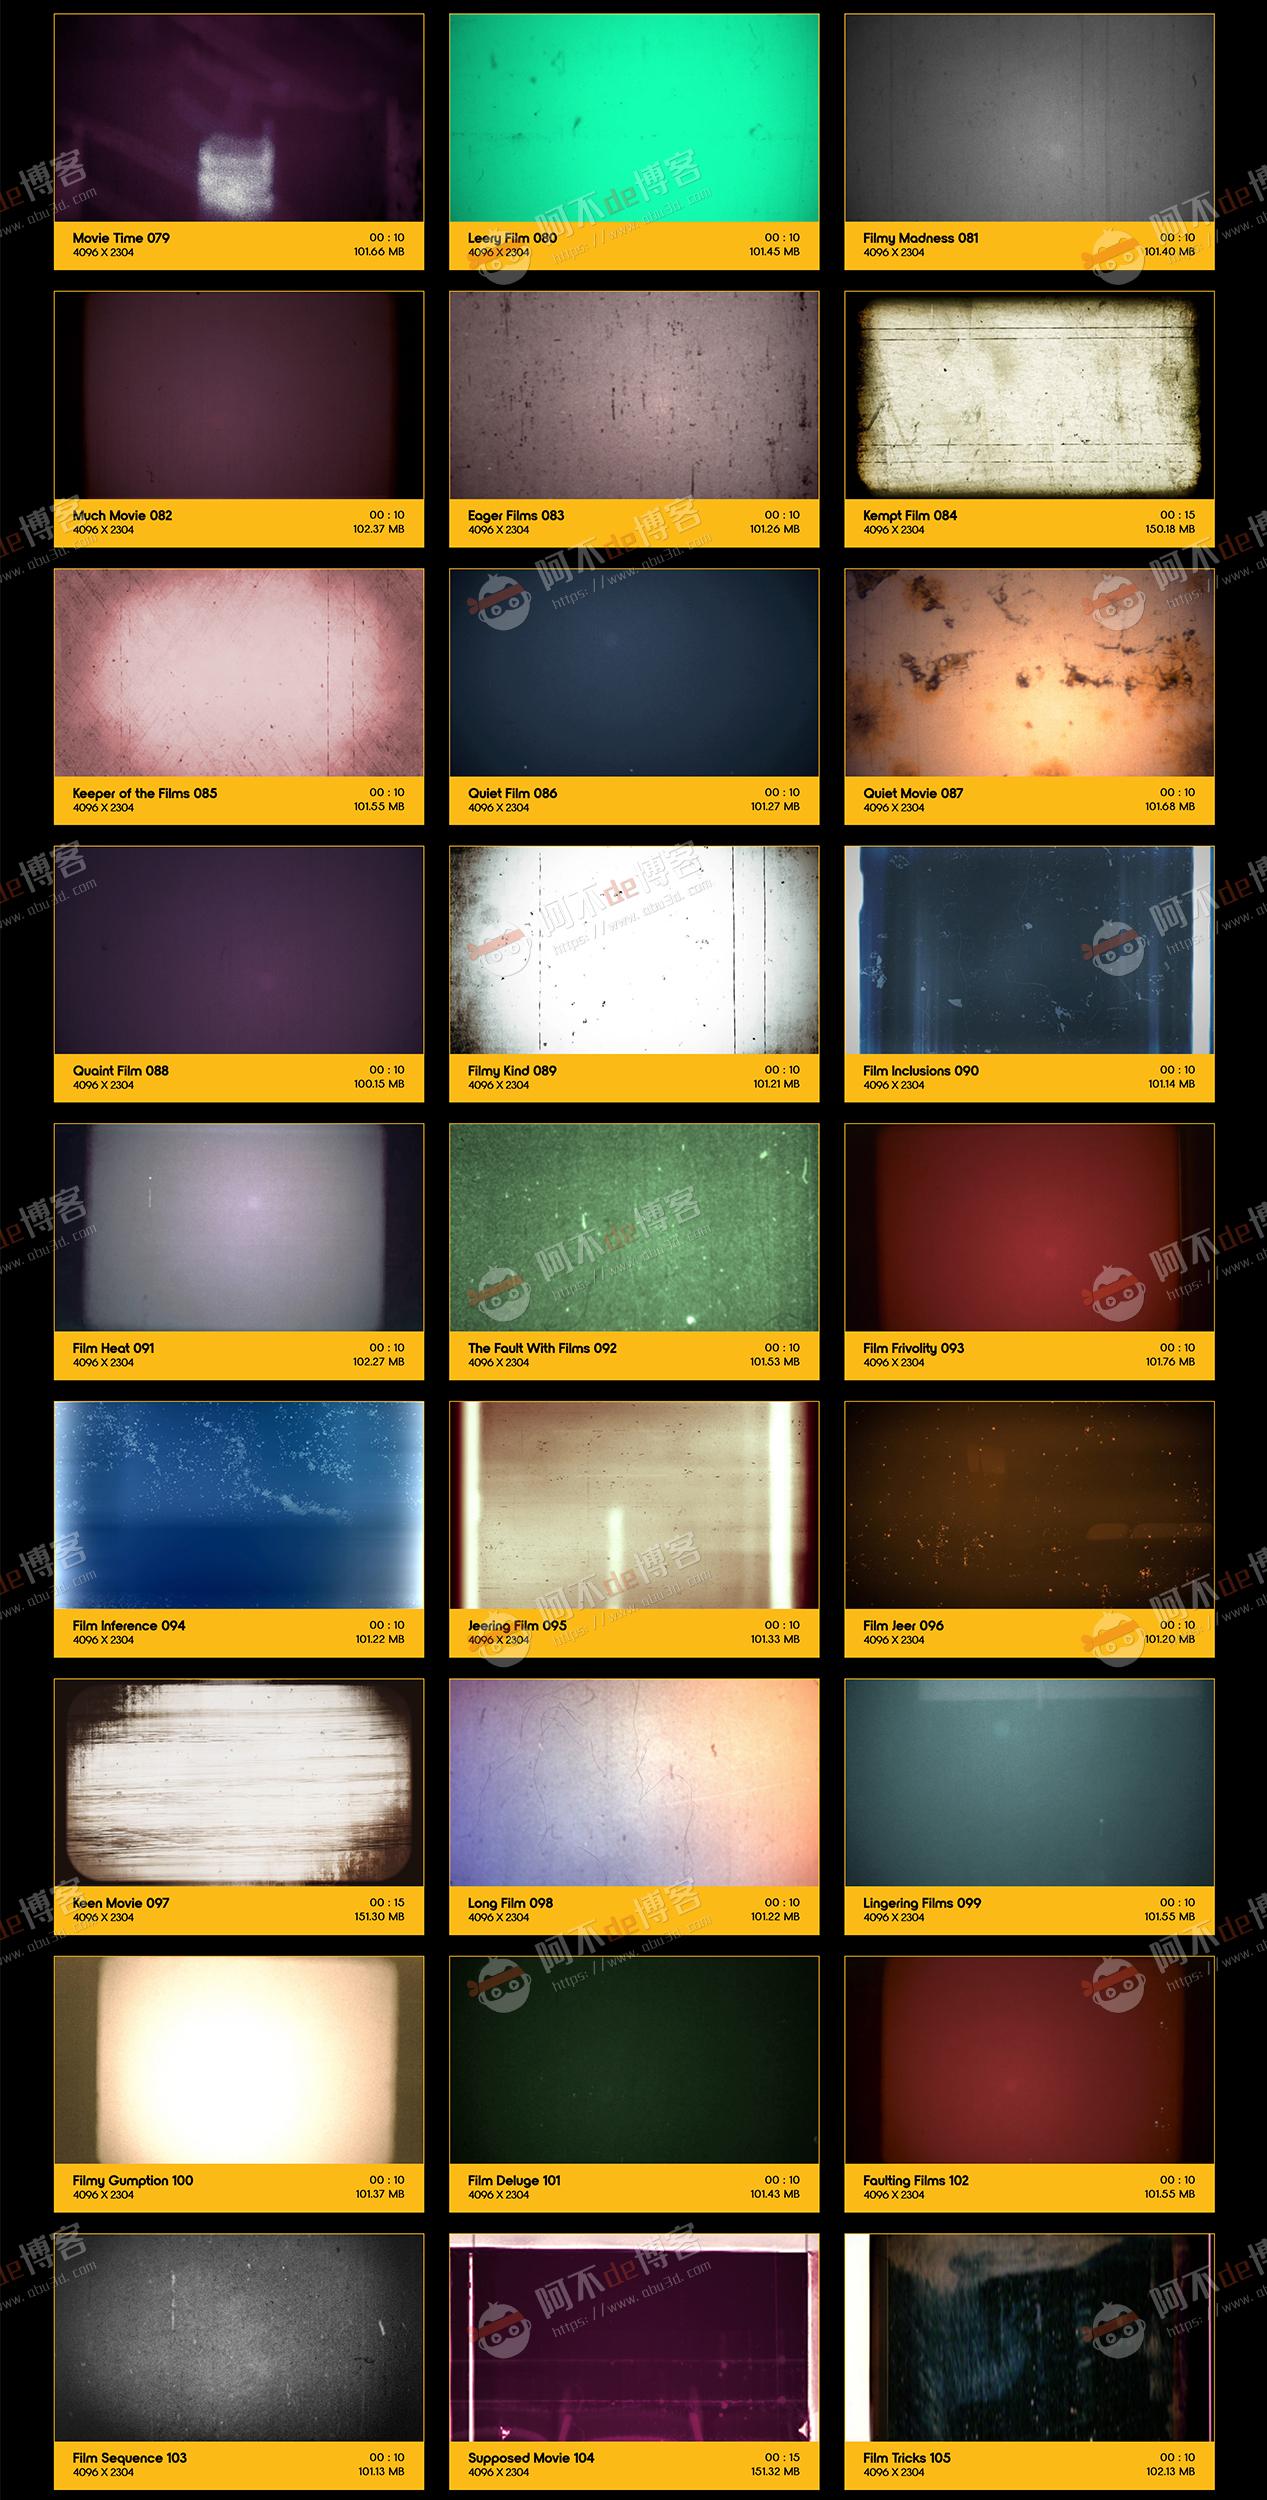 视频素材 BusyBoxx V10 Film Clutter 209组复古怀旧老电影胶片灼烧刮痕污渍噪波动画 特效合成素材插图3